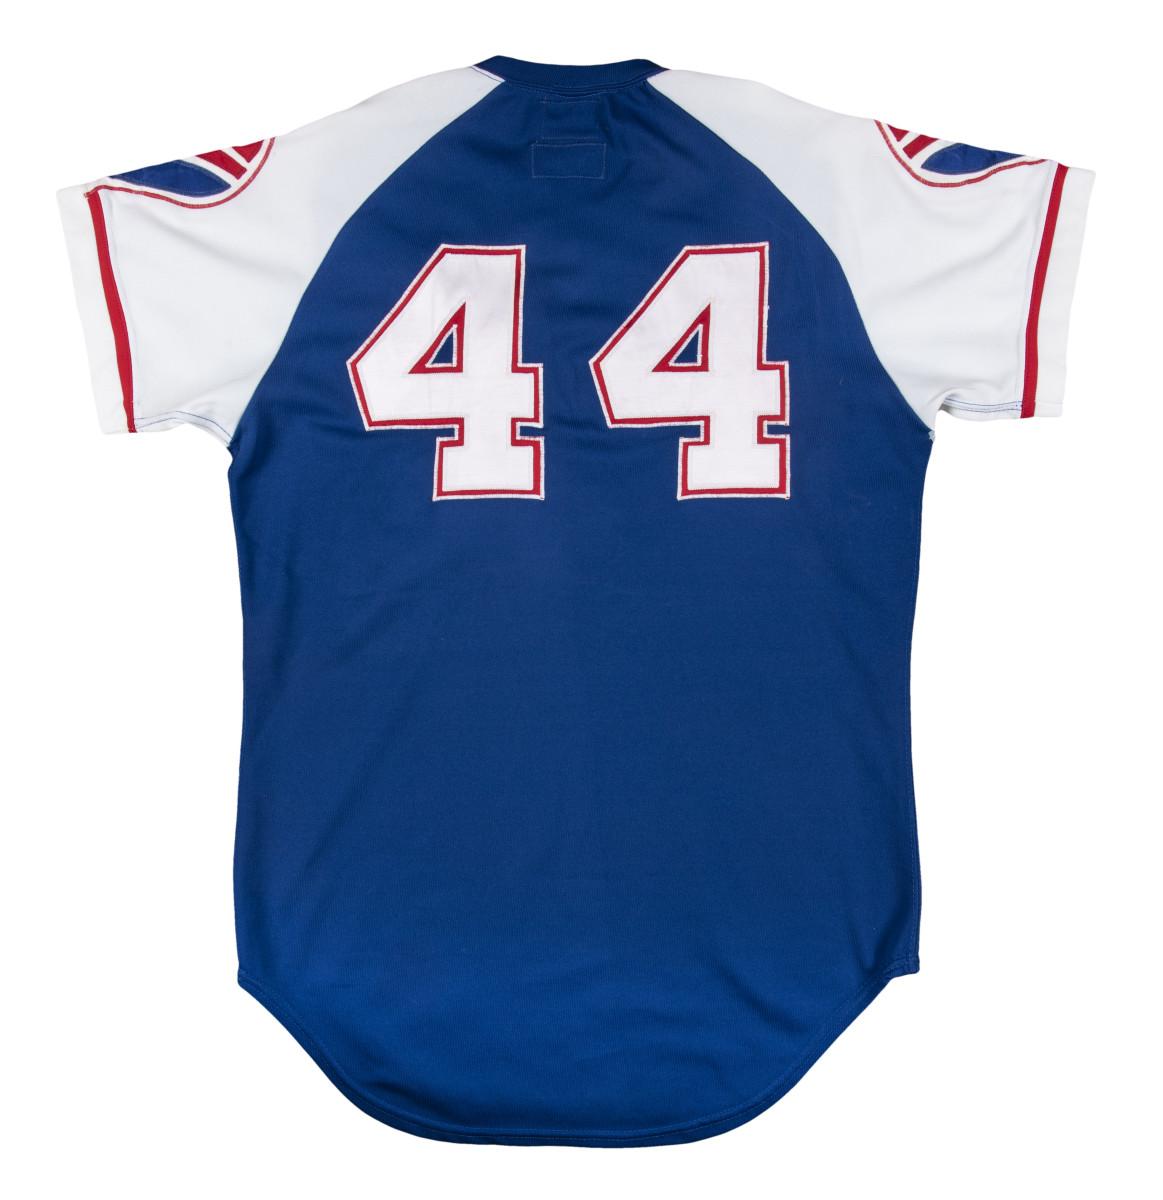 Hank Aaron jersey from record-breaking 1974 season.